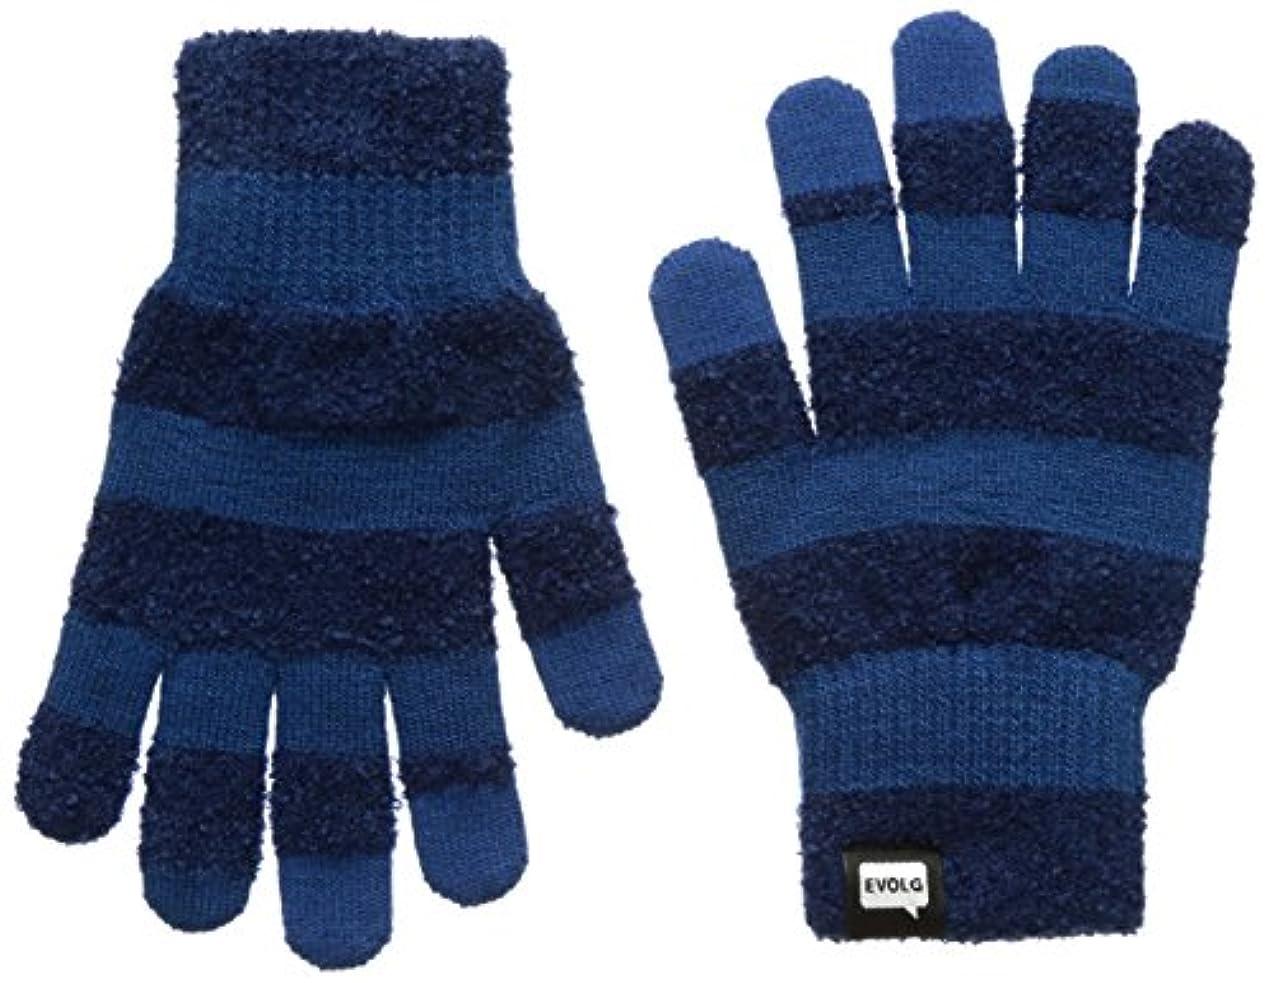 皮肉トレーステレマコス(エヴォログ) Evolg MC. 液晶タッチ対応手袋 LET 2306 [メンズ]